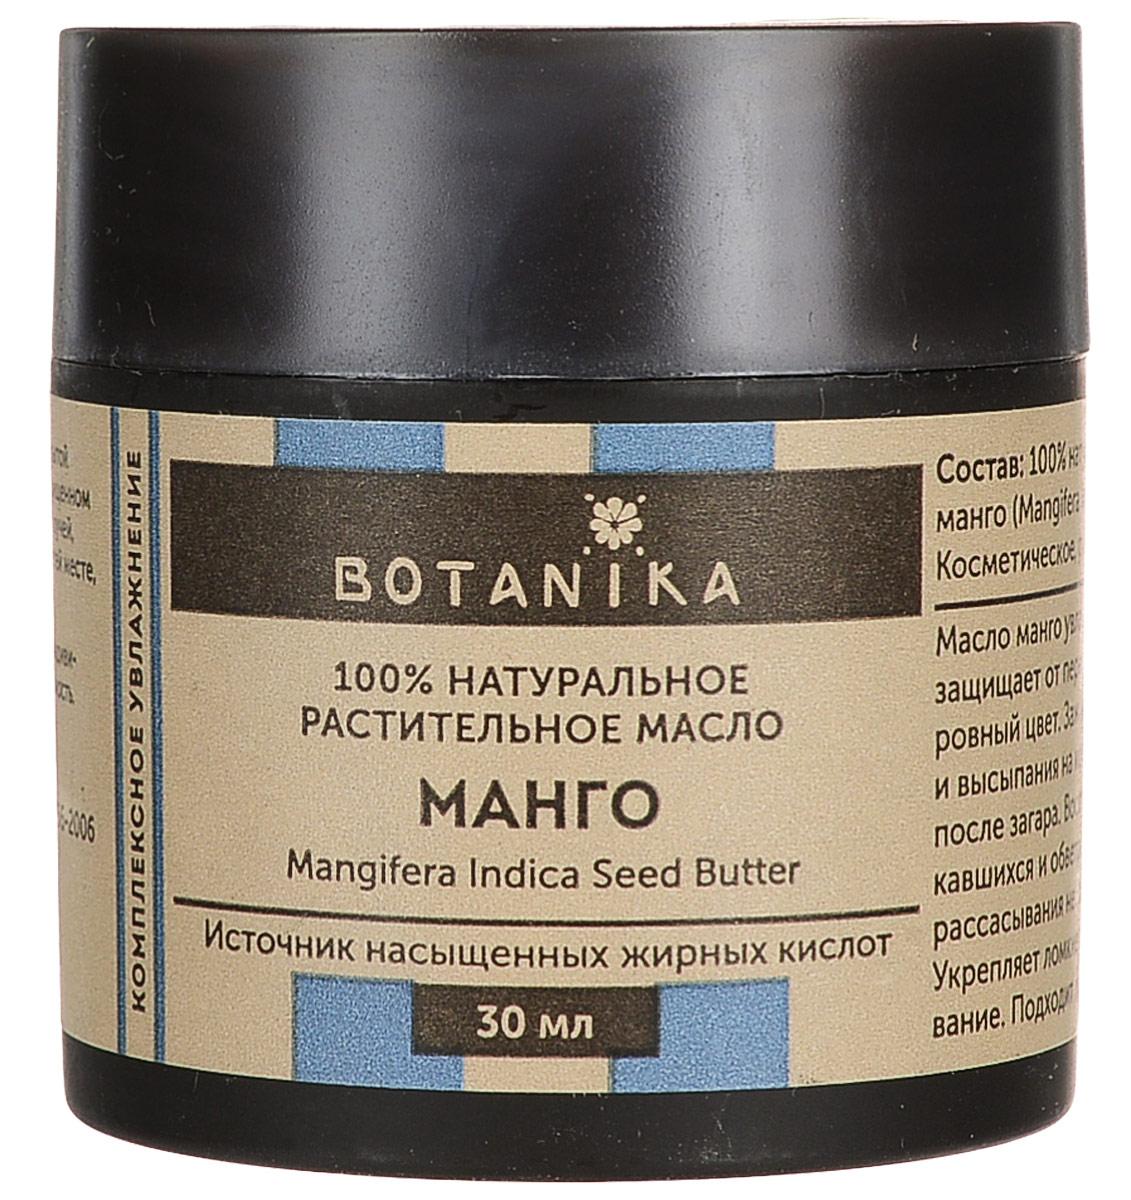 Жирное масло Botanika Манго, для всех типов кожи, 30 мл00007845Натуральное растительное 100% жирное масло Botanika Манго удивительно по своим косметическим свойствам. Прекрасно подходит для любой кожи в качестве ее увлажнения, питания и защиты, а также восстановления. Активные вещества масла манго возвращают ей способность удерживать влагу, обеспечивают интенсивное увлажнение в течение дня. Кожа становится мягкой и бархатистой, ее эластичность повышается. Обладает хорошими регенерирующими и восстанавливающими свойствами. Прекрасно заживляет различные изъязвления кожи, трещинки на губах и в уголках рта, растрескавшуюся кожу рук и тела, устраняет шелушение. Способствует исчезновению небольших шрамов, пятен, оставшихся после различных кожных образований. Характеристики:Объем: 30 мл. Производитель: Россия. Товар сертифицирован.